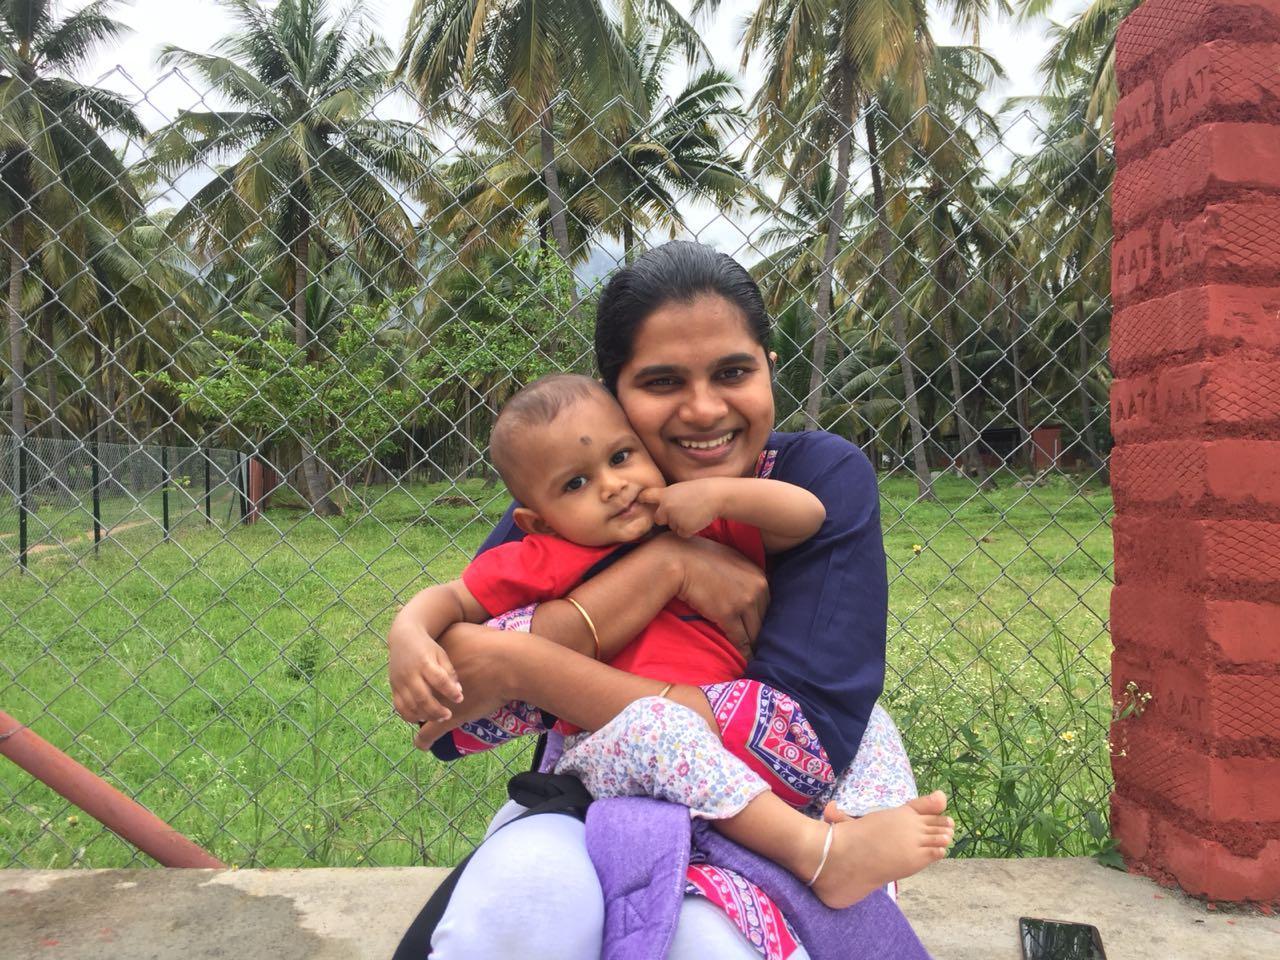 திருப்பூர் சரண்யா மோகன்